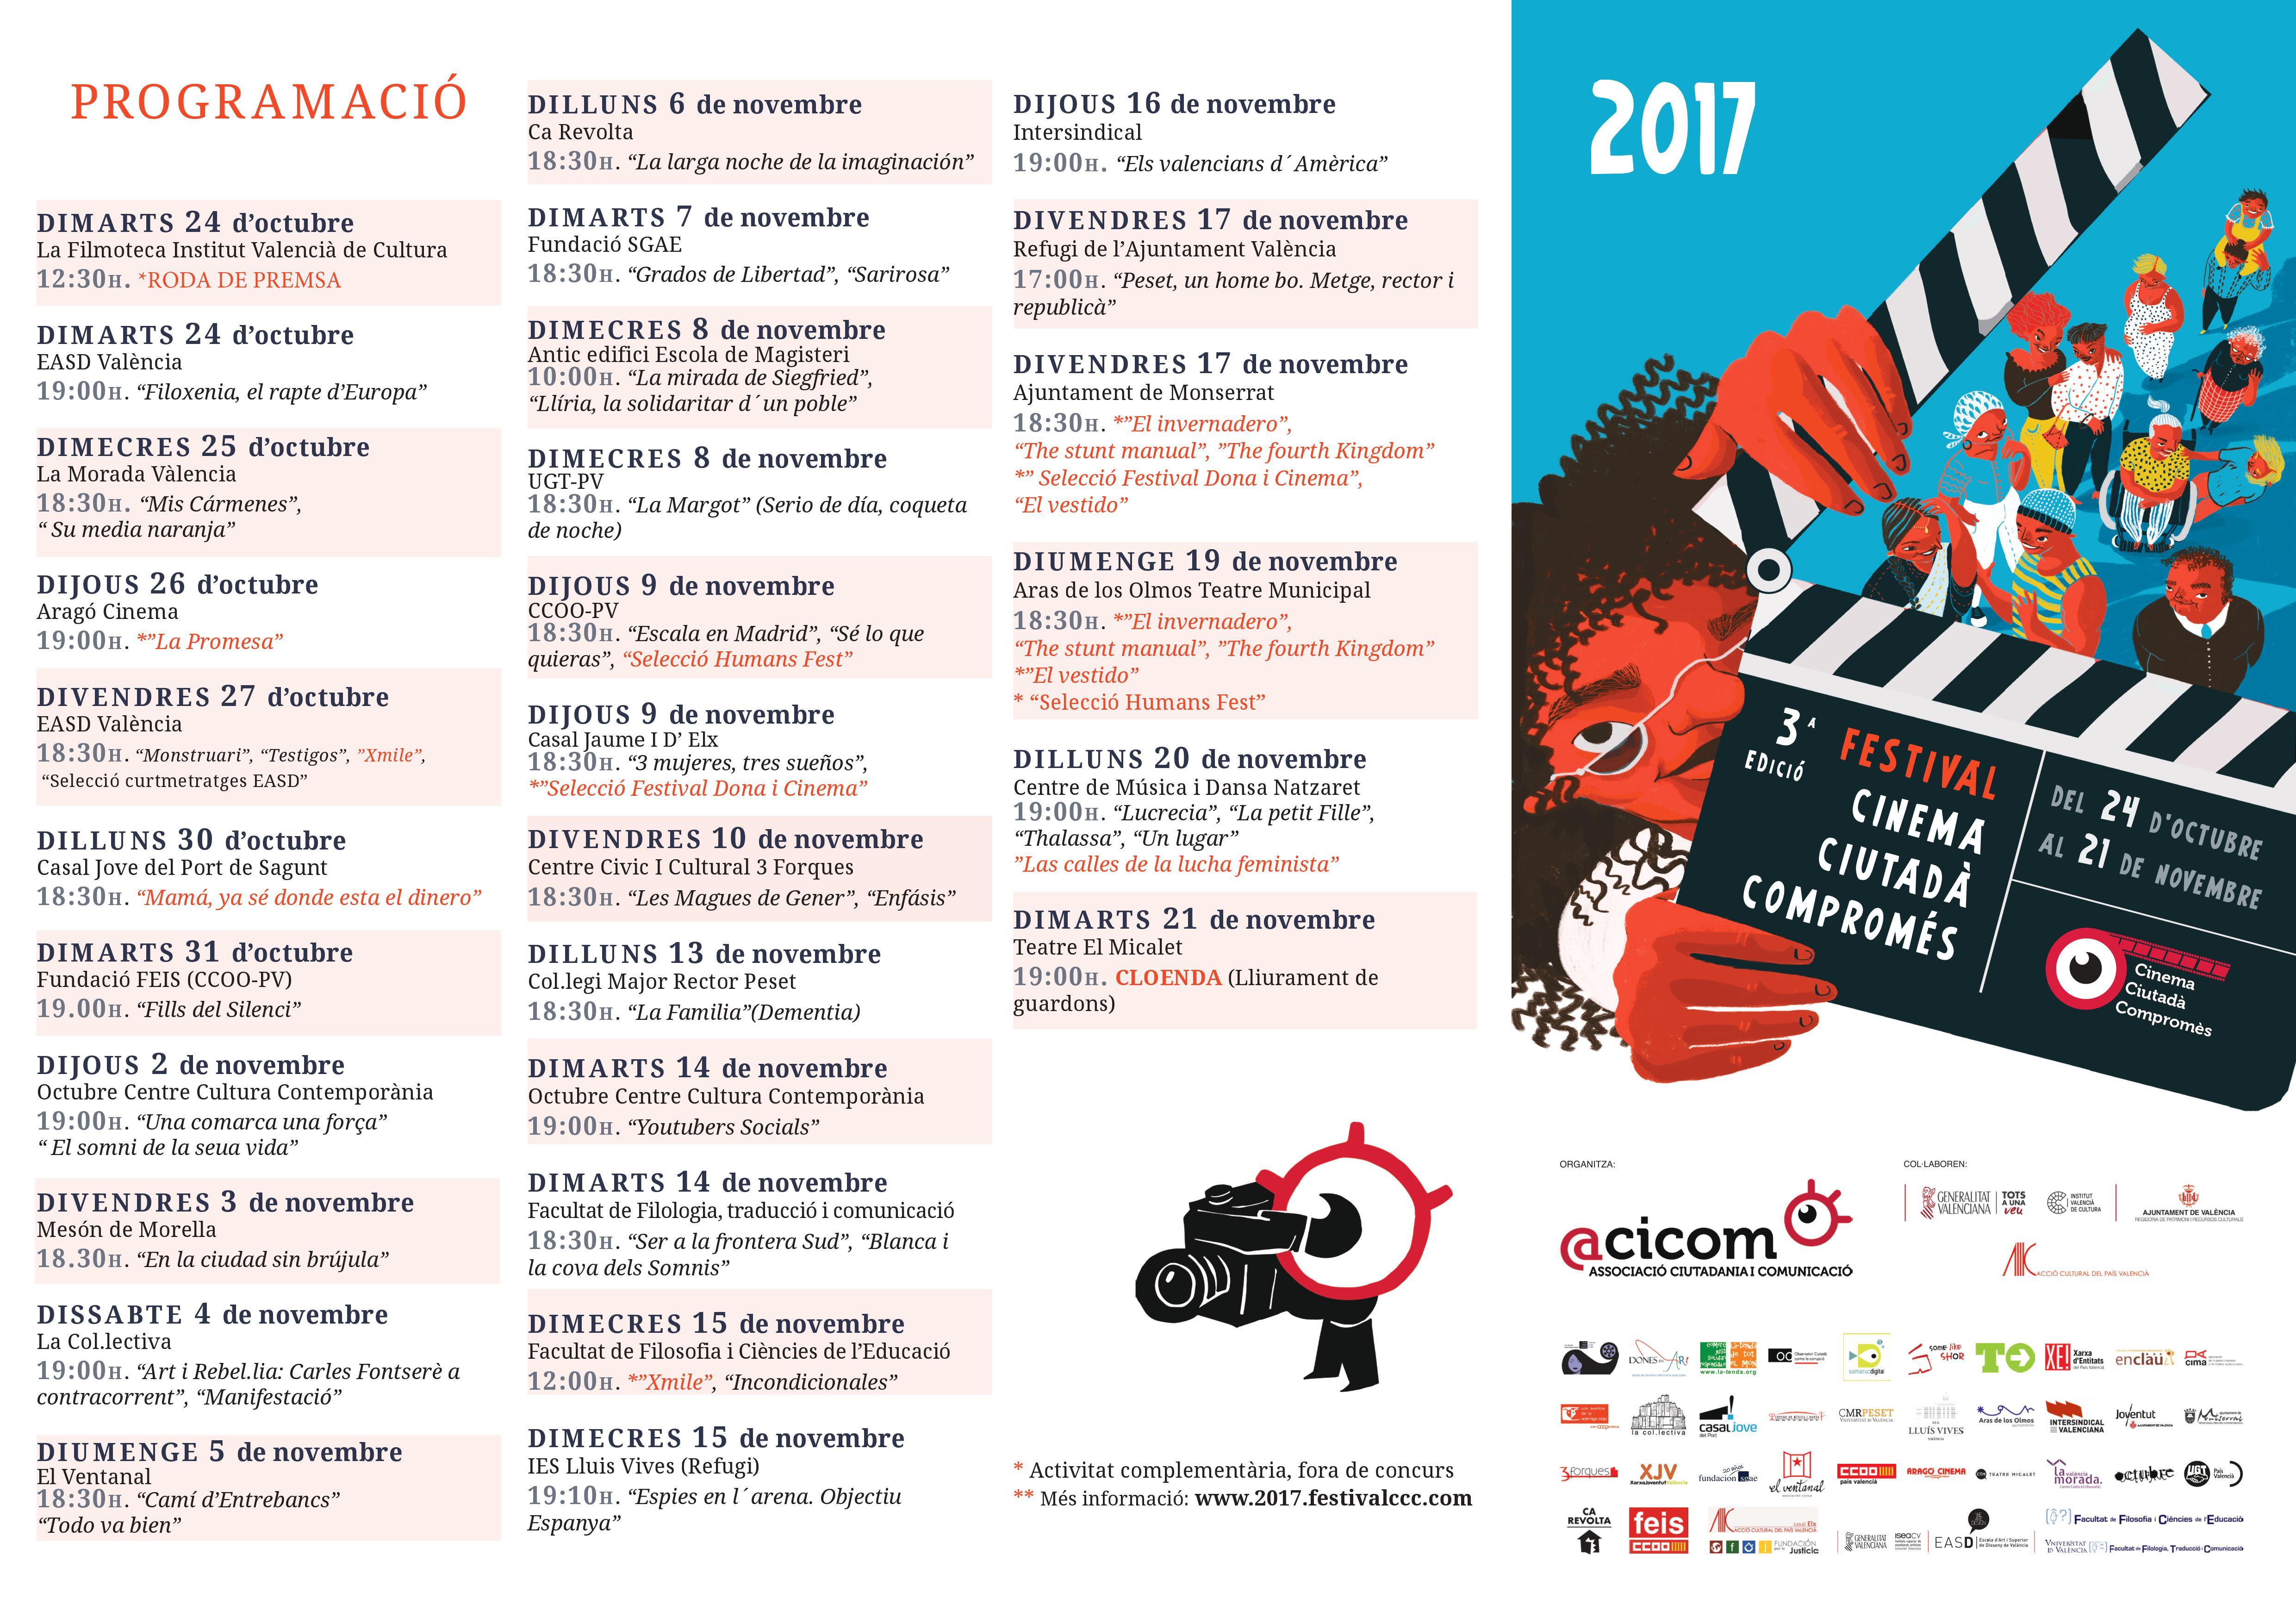 Programació Festival CCC 2017